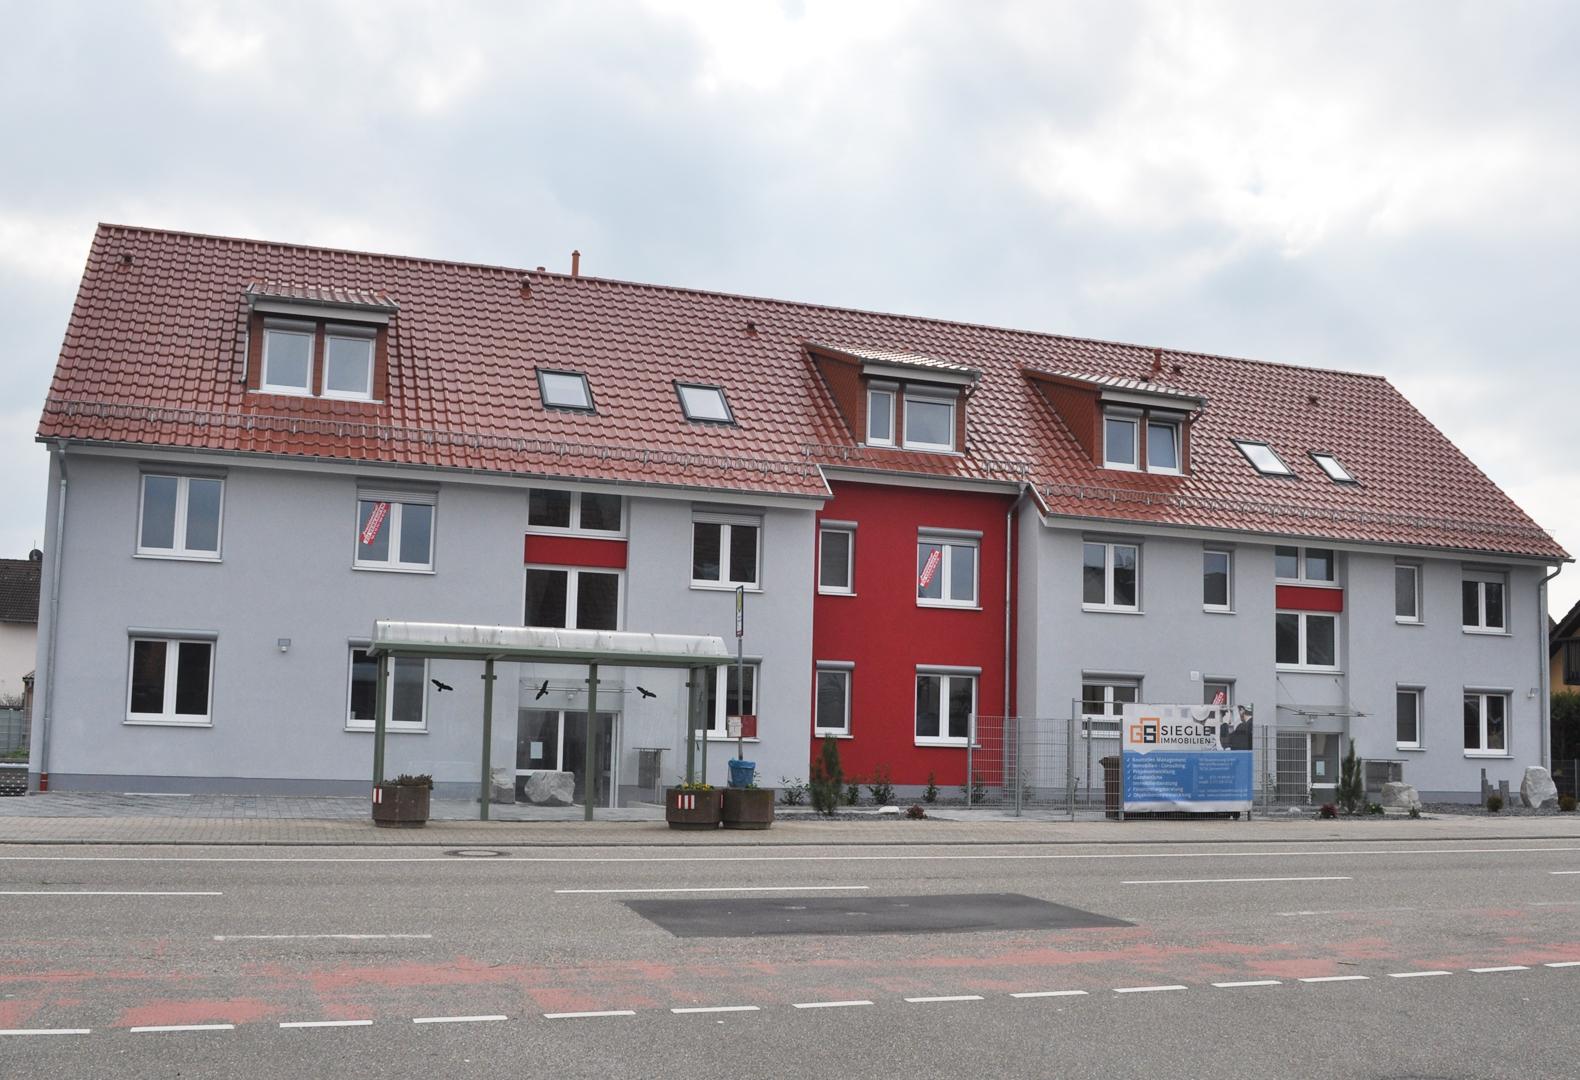 hagenbach